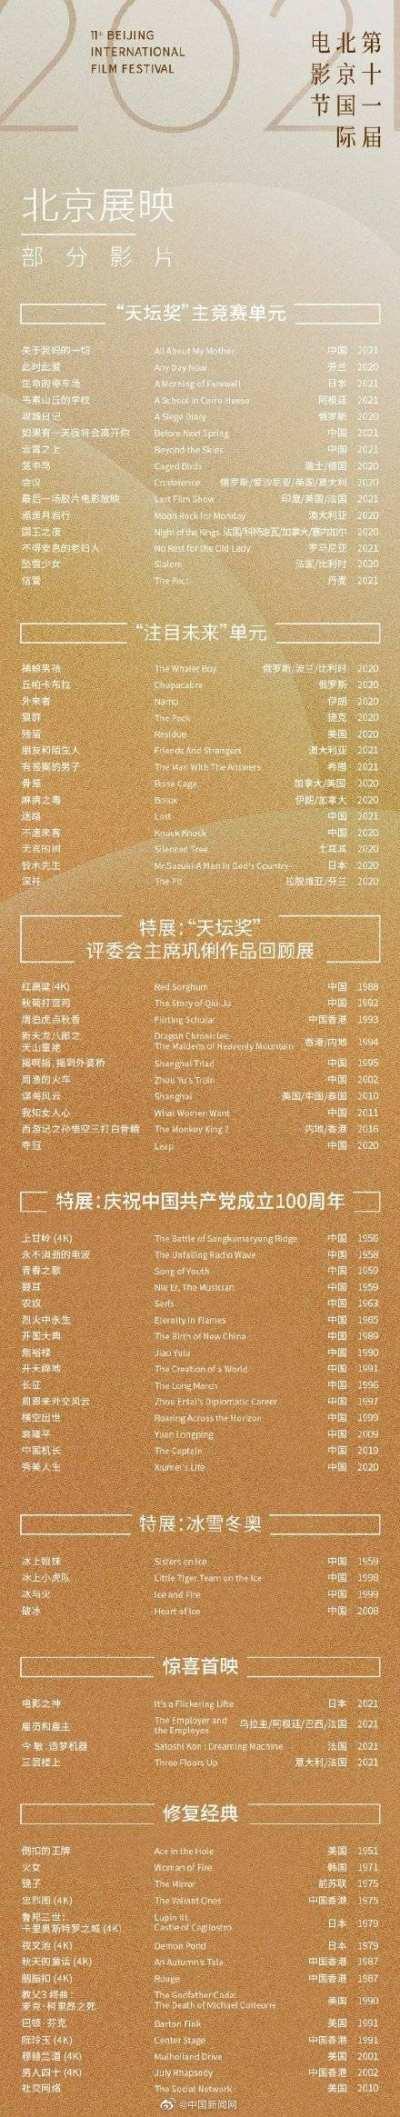 第十一届北京国际电影节展映片单公布 将设巩俐作品回顾展